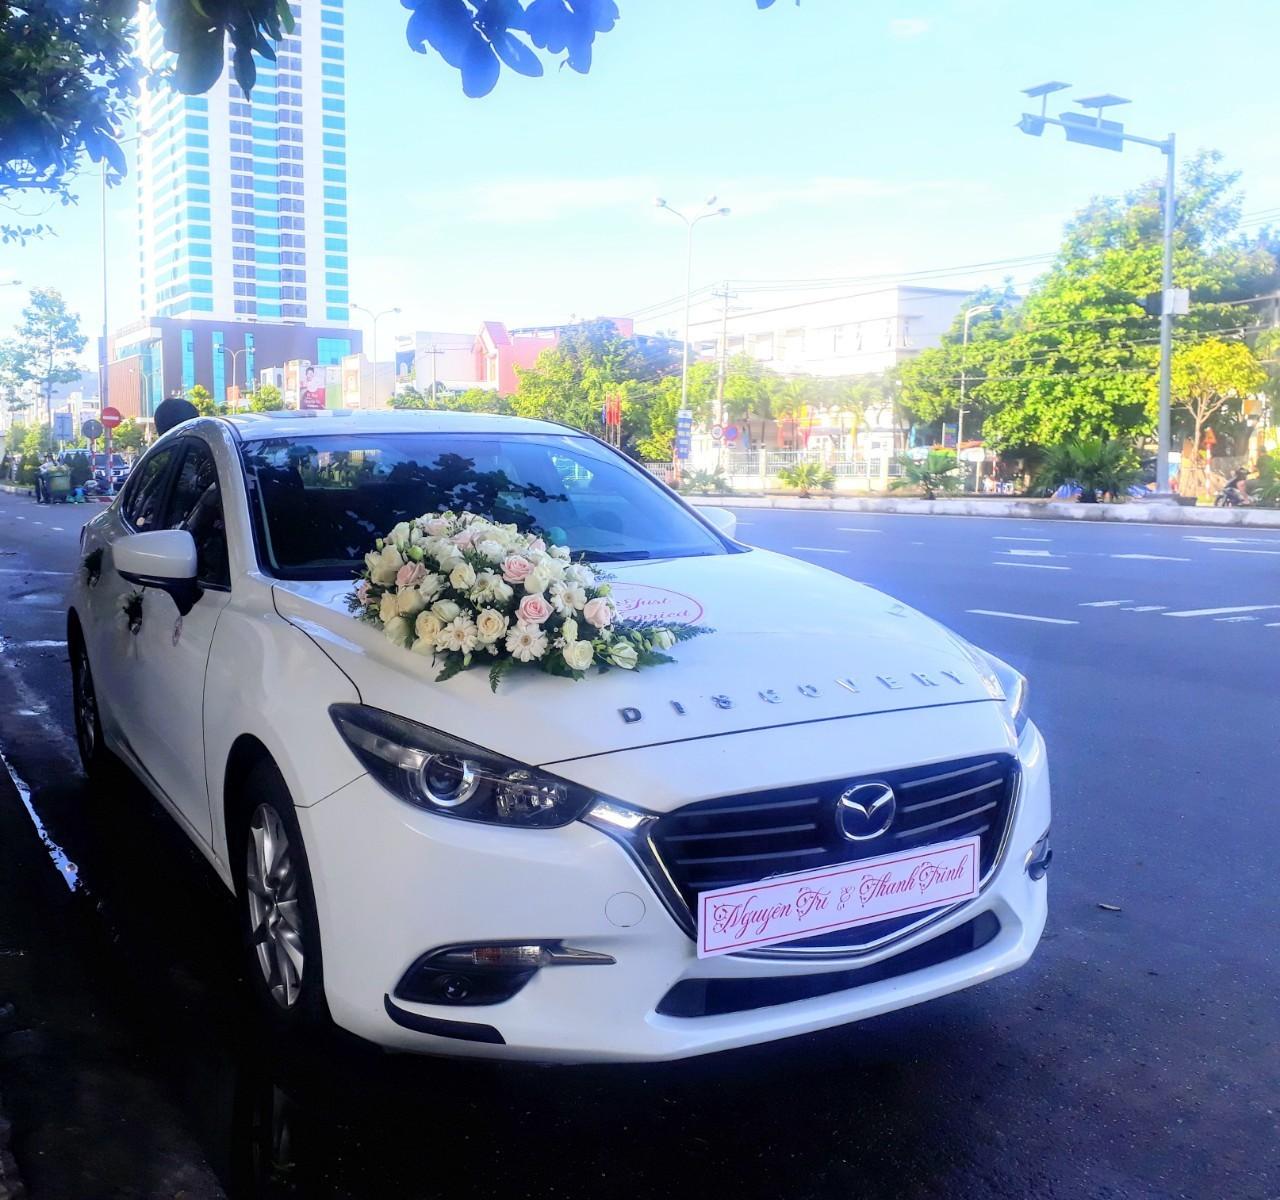 Xe Cô dâu Mazda3 trang trí hoa tươi